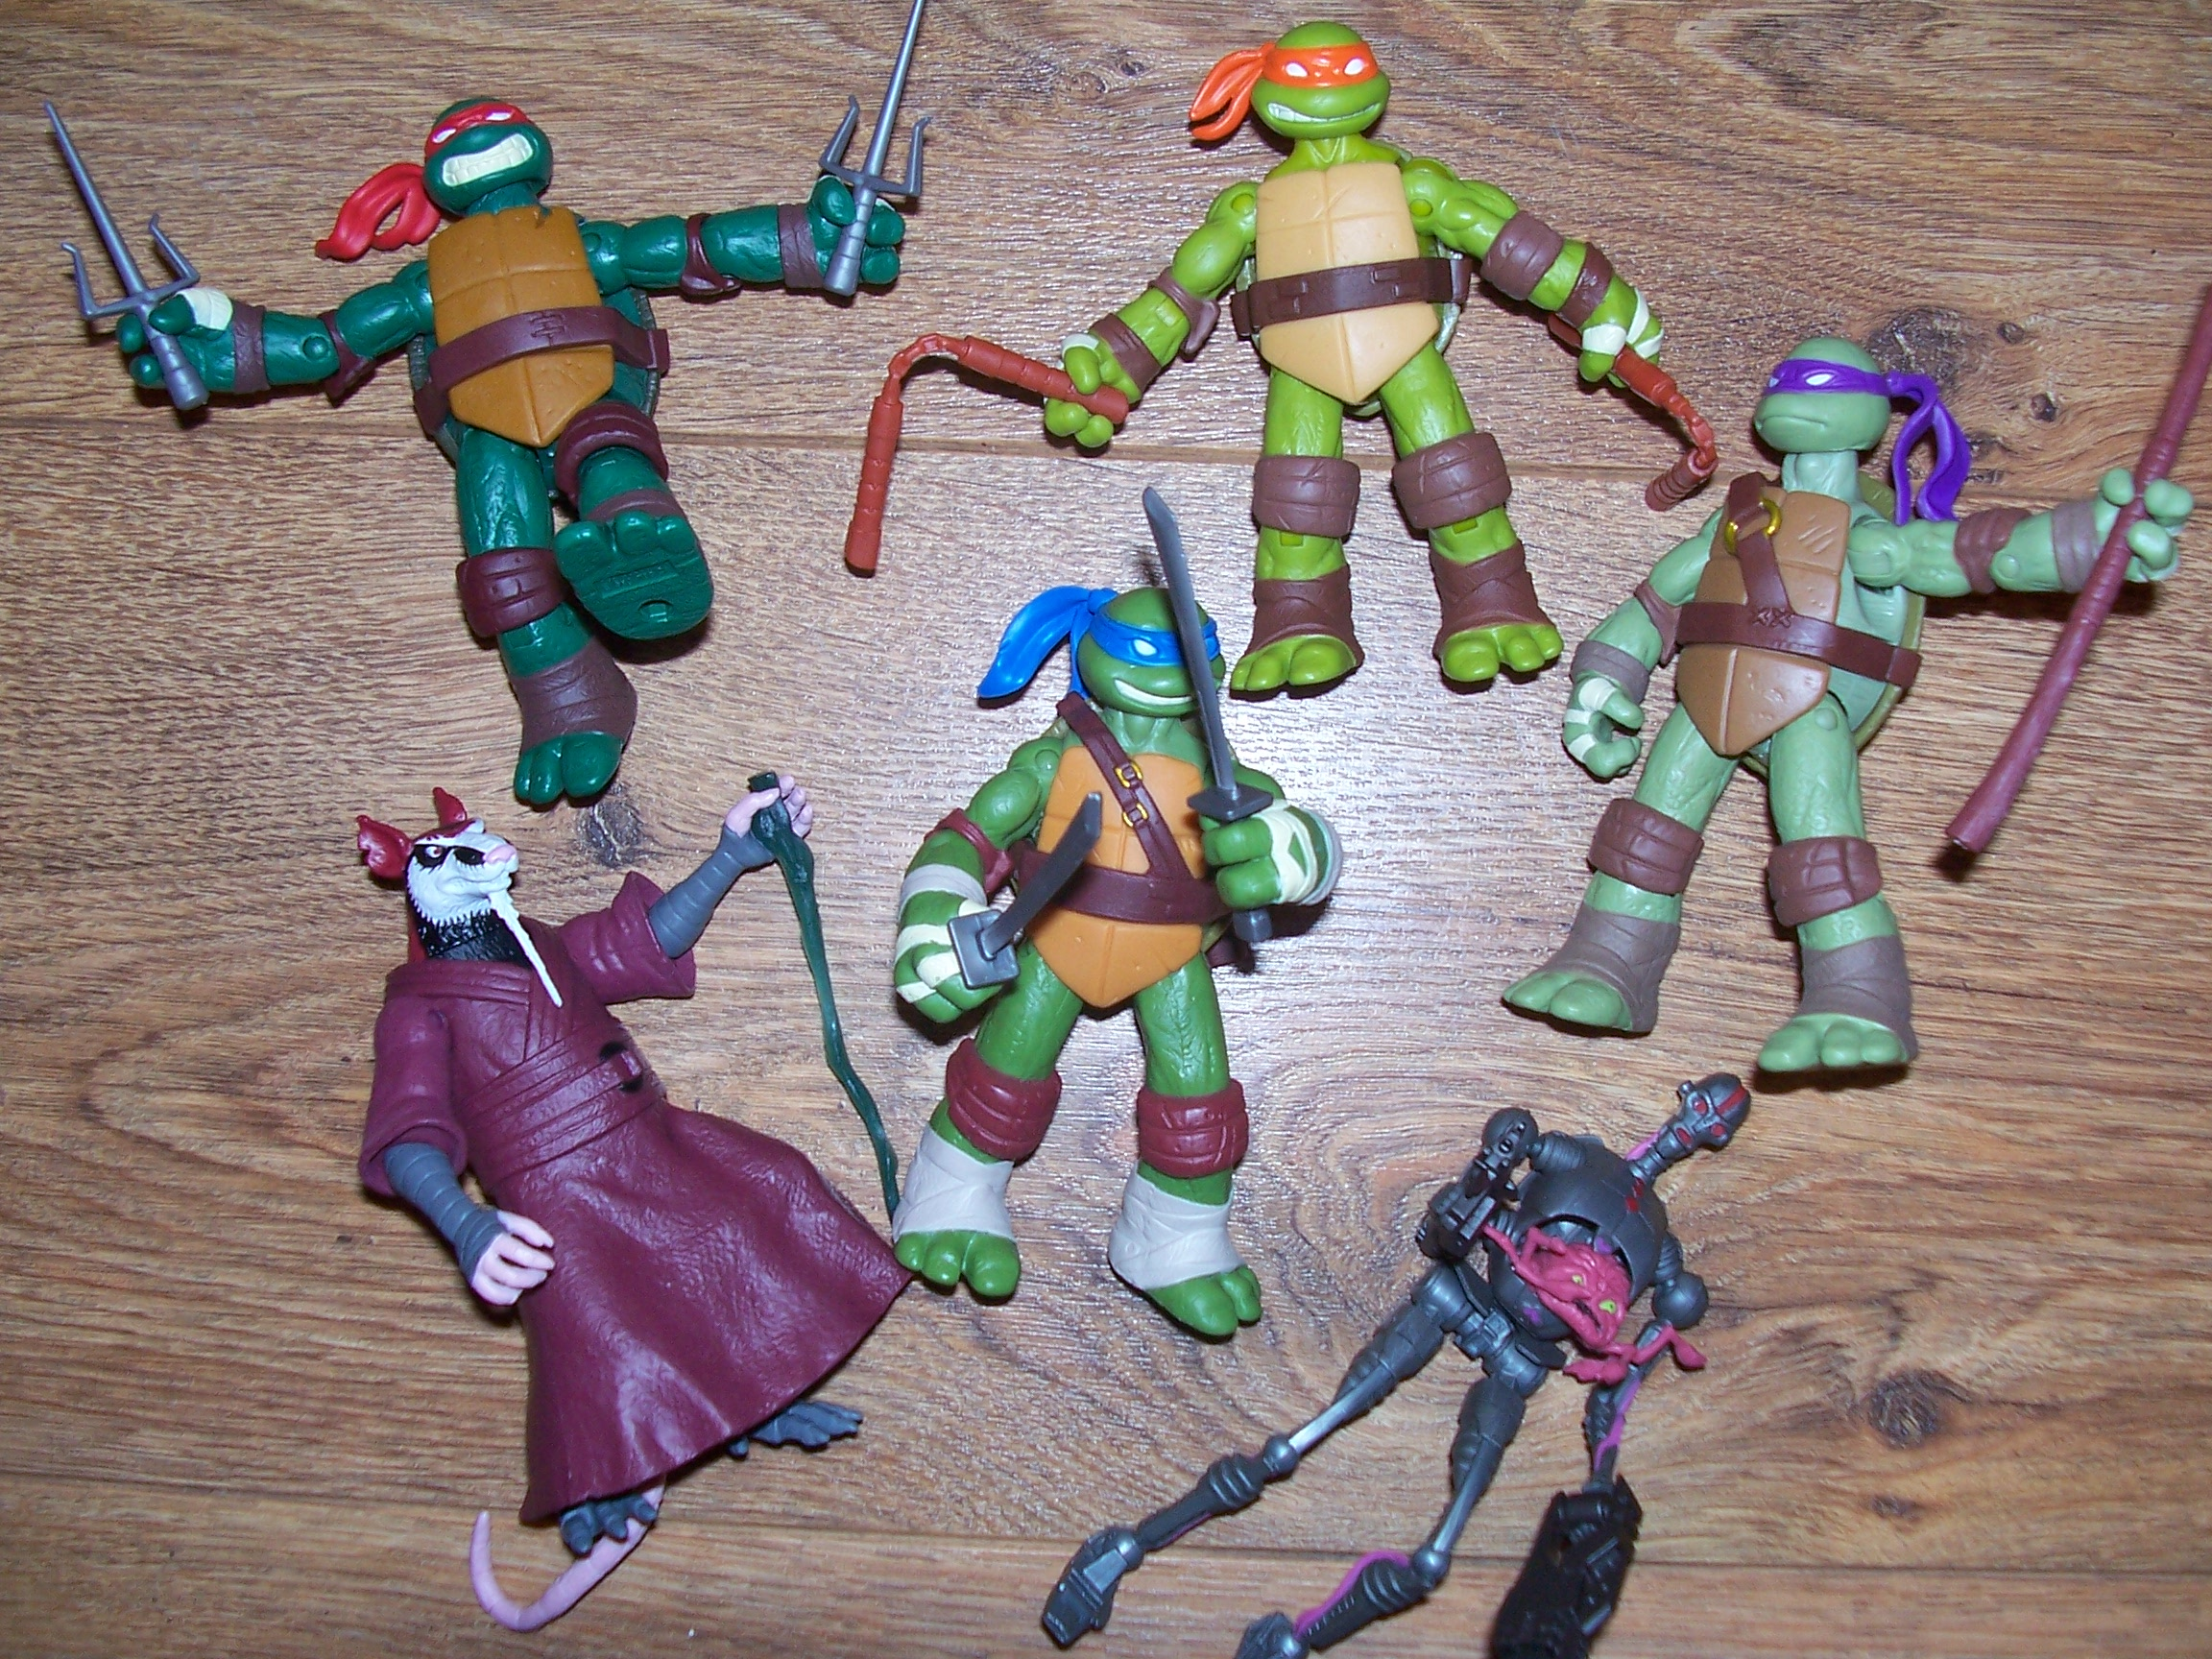 Teenage Mutant Ninja Turtles Toys : Nickelodeons teenage mutant ninja turtles action